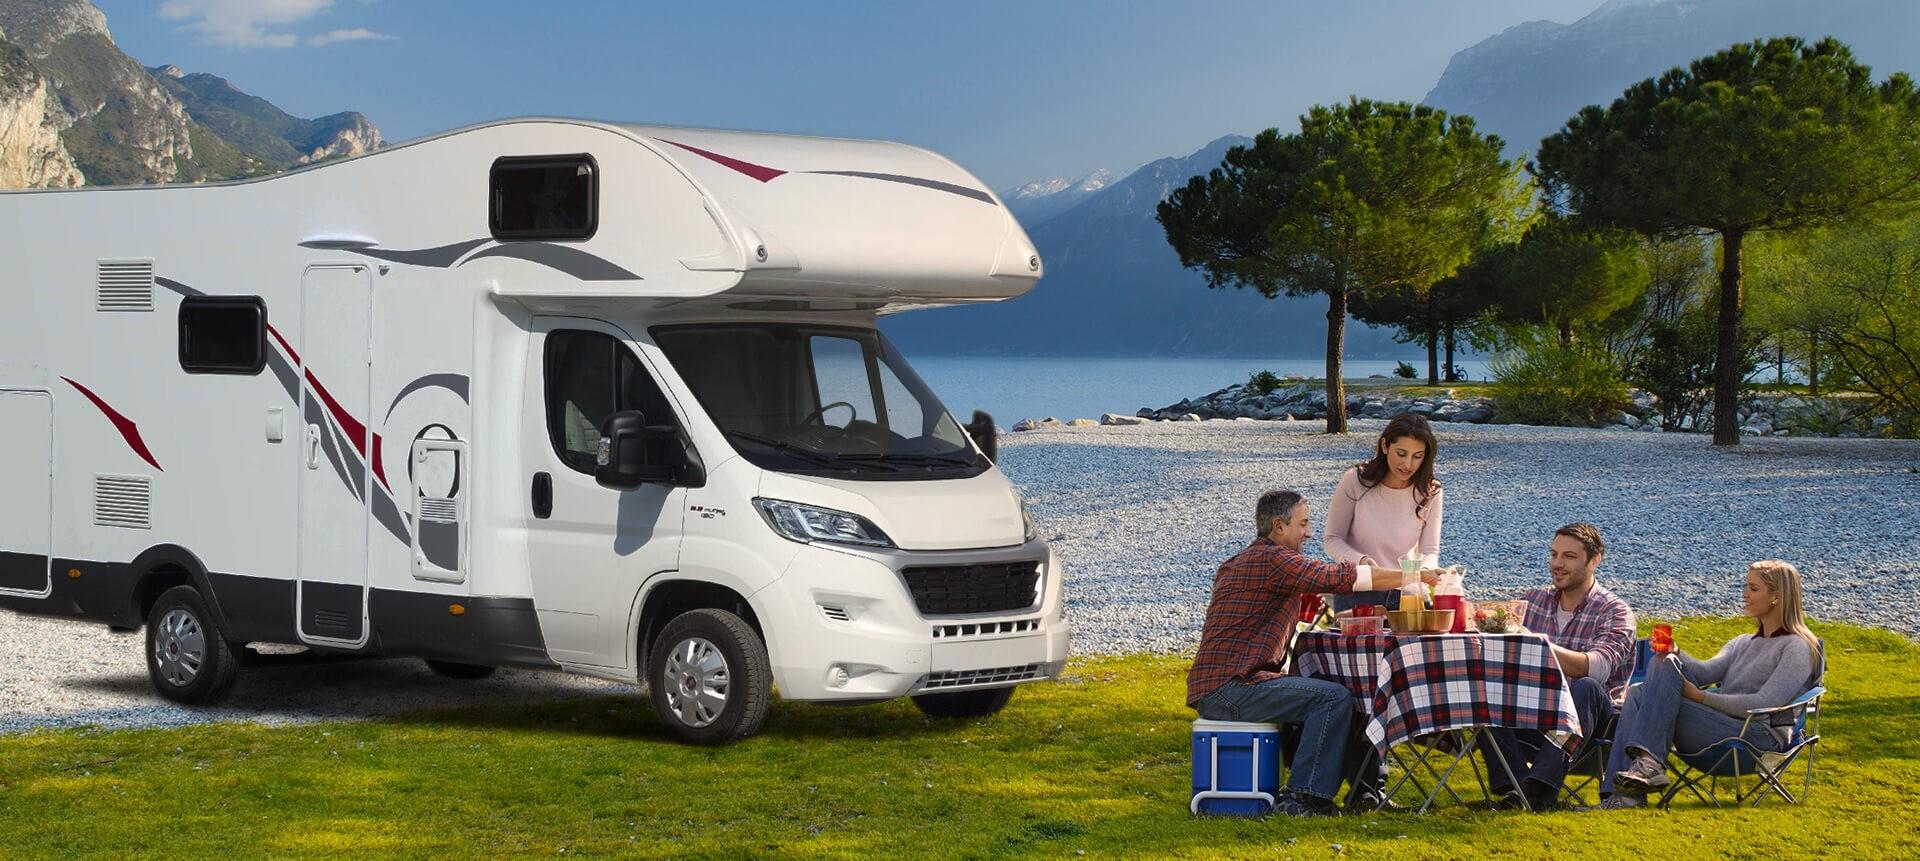 Noleggio Camper Verona